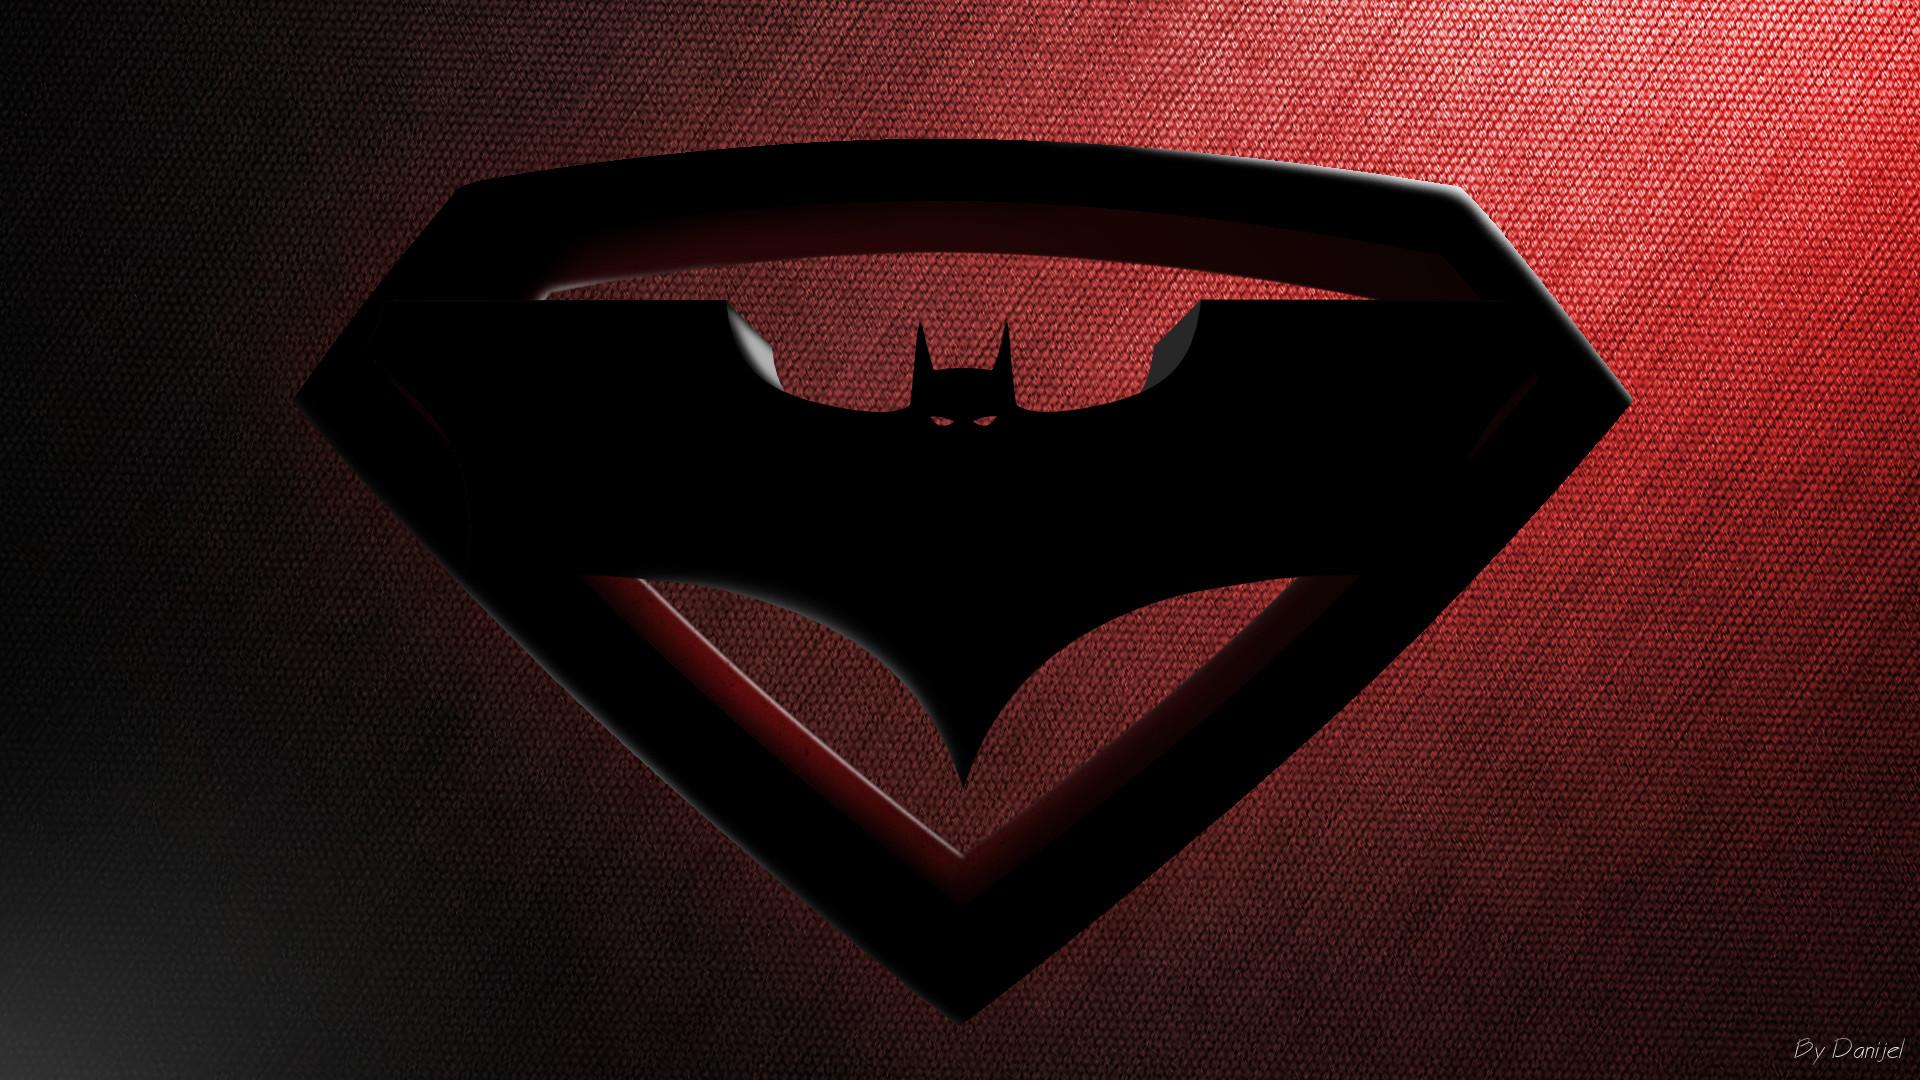 Superman and batman logo wallpaper wallpapers for superman batman logo wallpaper 1920x1080 wallpapers for superman batman logo wallpaper download voltagebd Choice Image